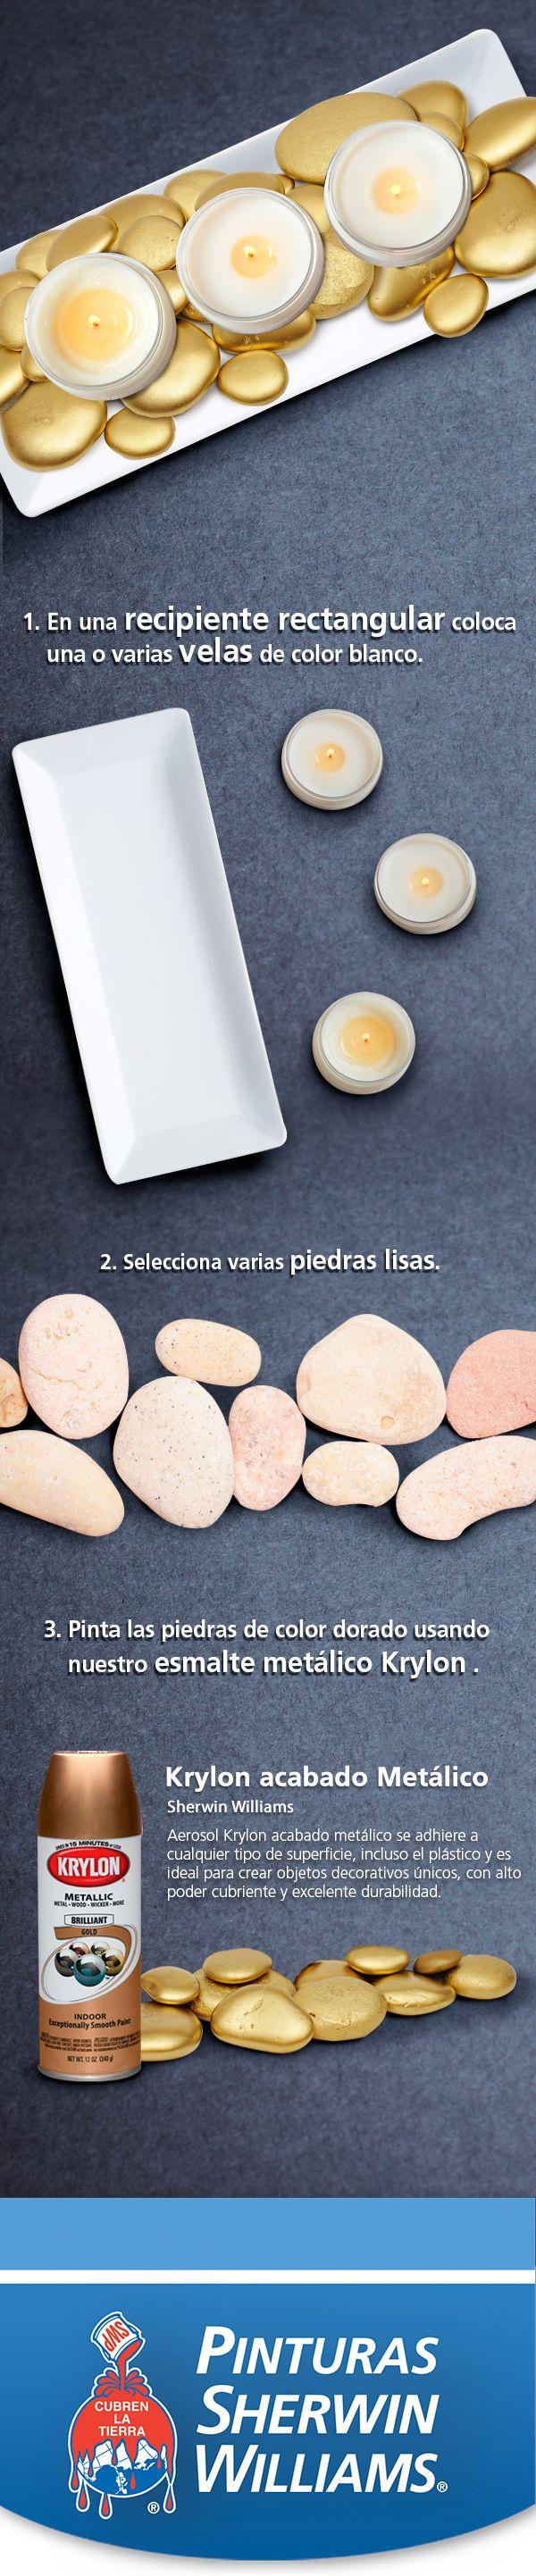 Dale un toque elegante a tu mesa con esta sencilla pieza. ¡Úsala como centro de mesa en una cena! #EstoPintaBien